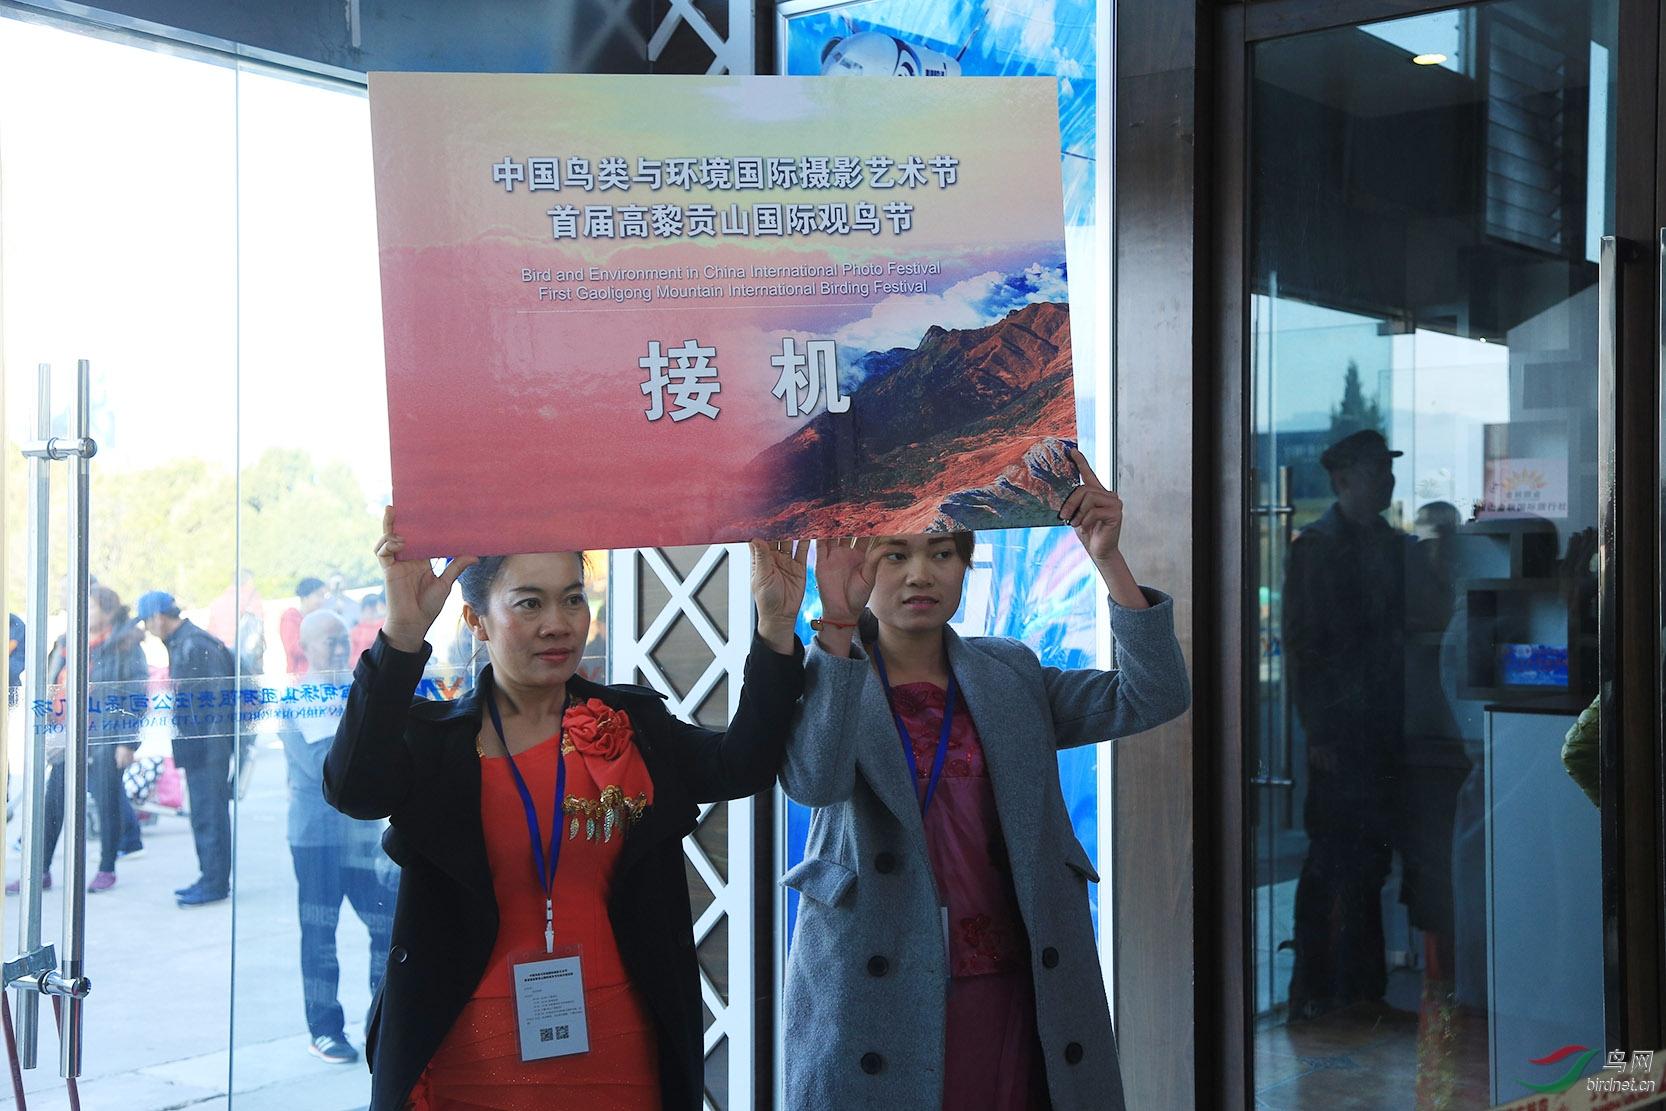 保山旅游发展委员会工作人员在机场接站 (2).jpg